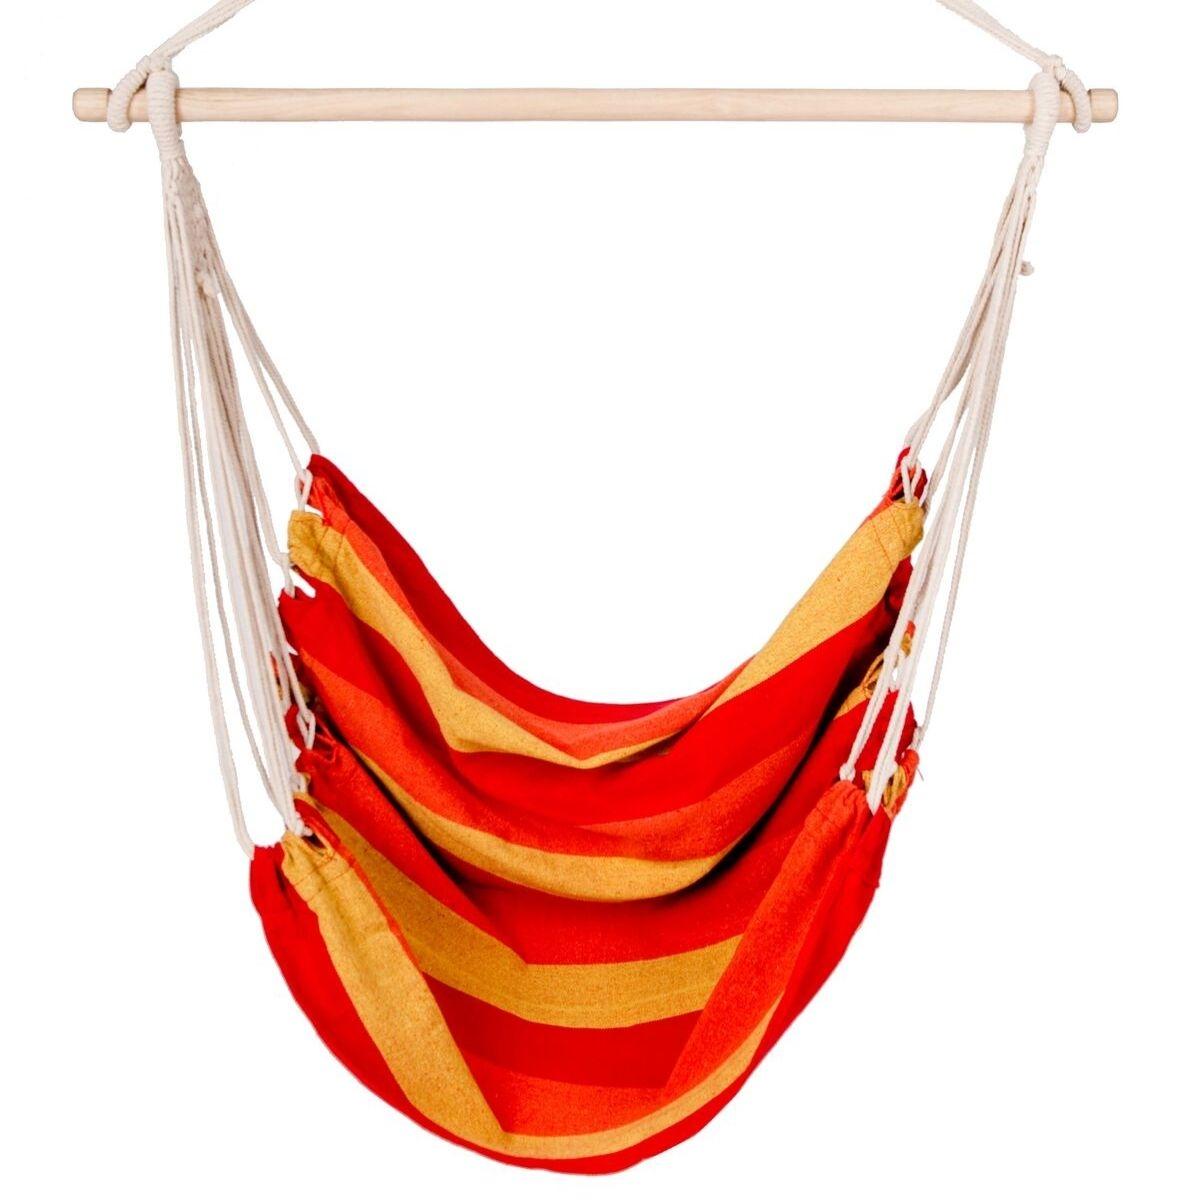 Hamak - Model Fotel - Kolor: Czerwono-Pomarańczowo-Żółty